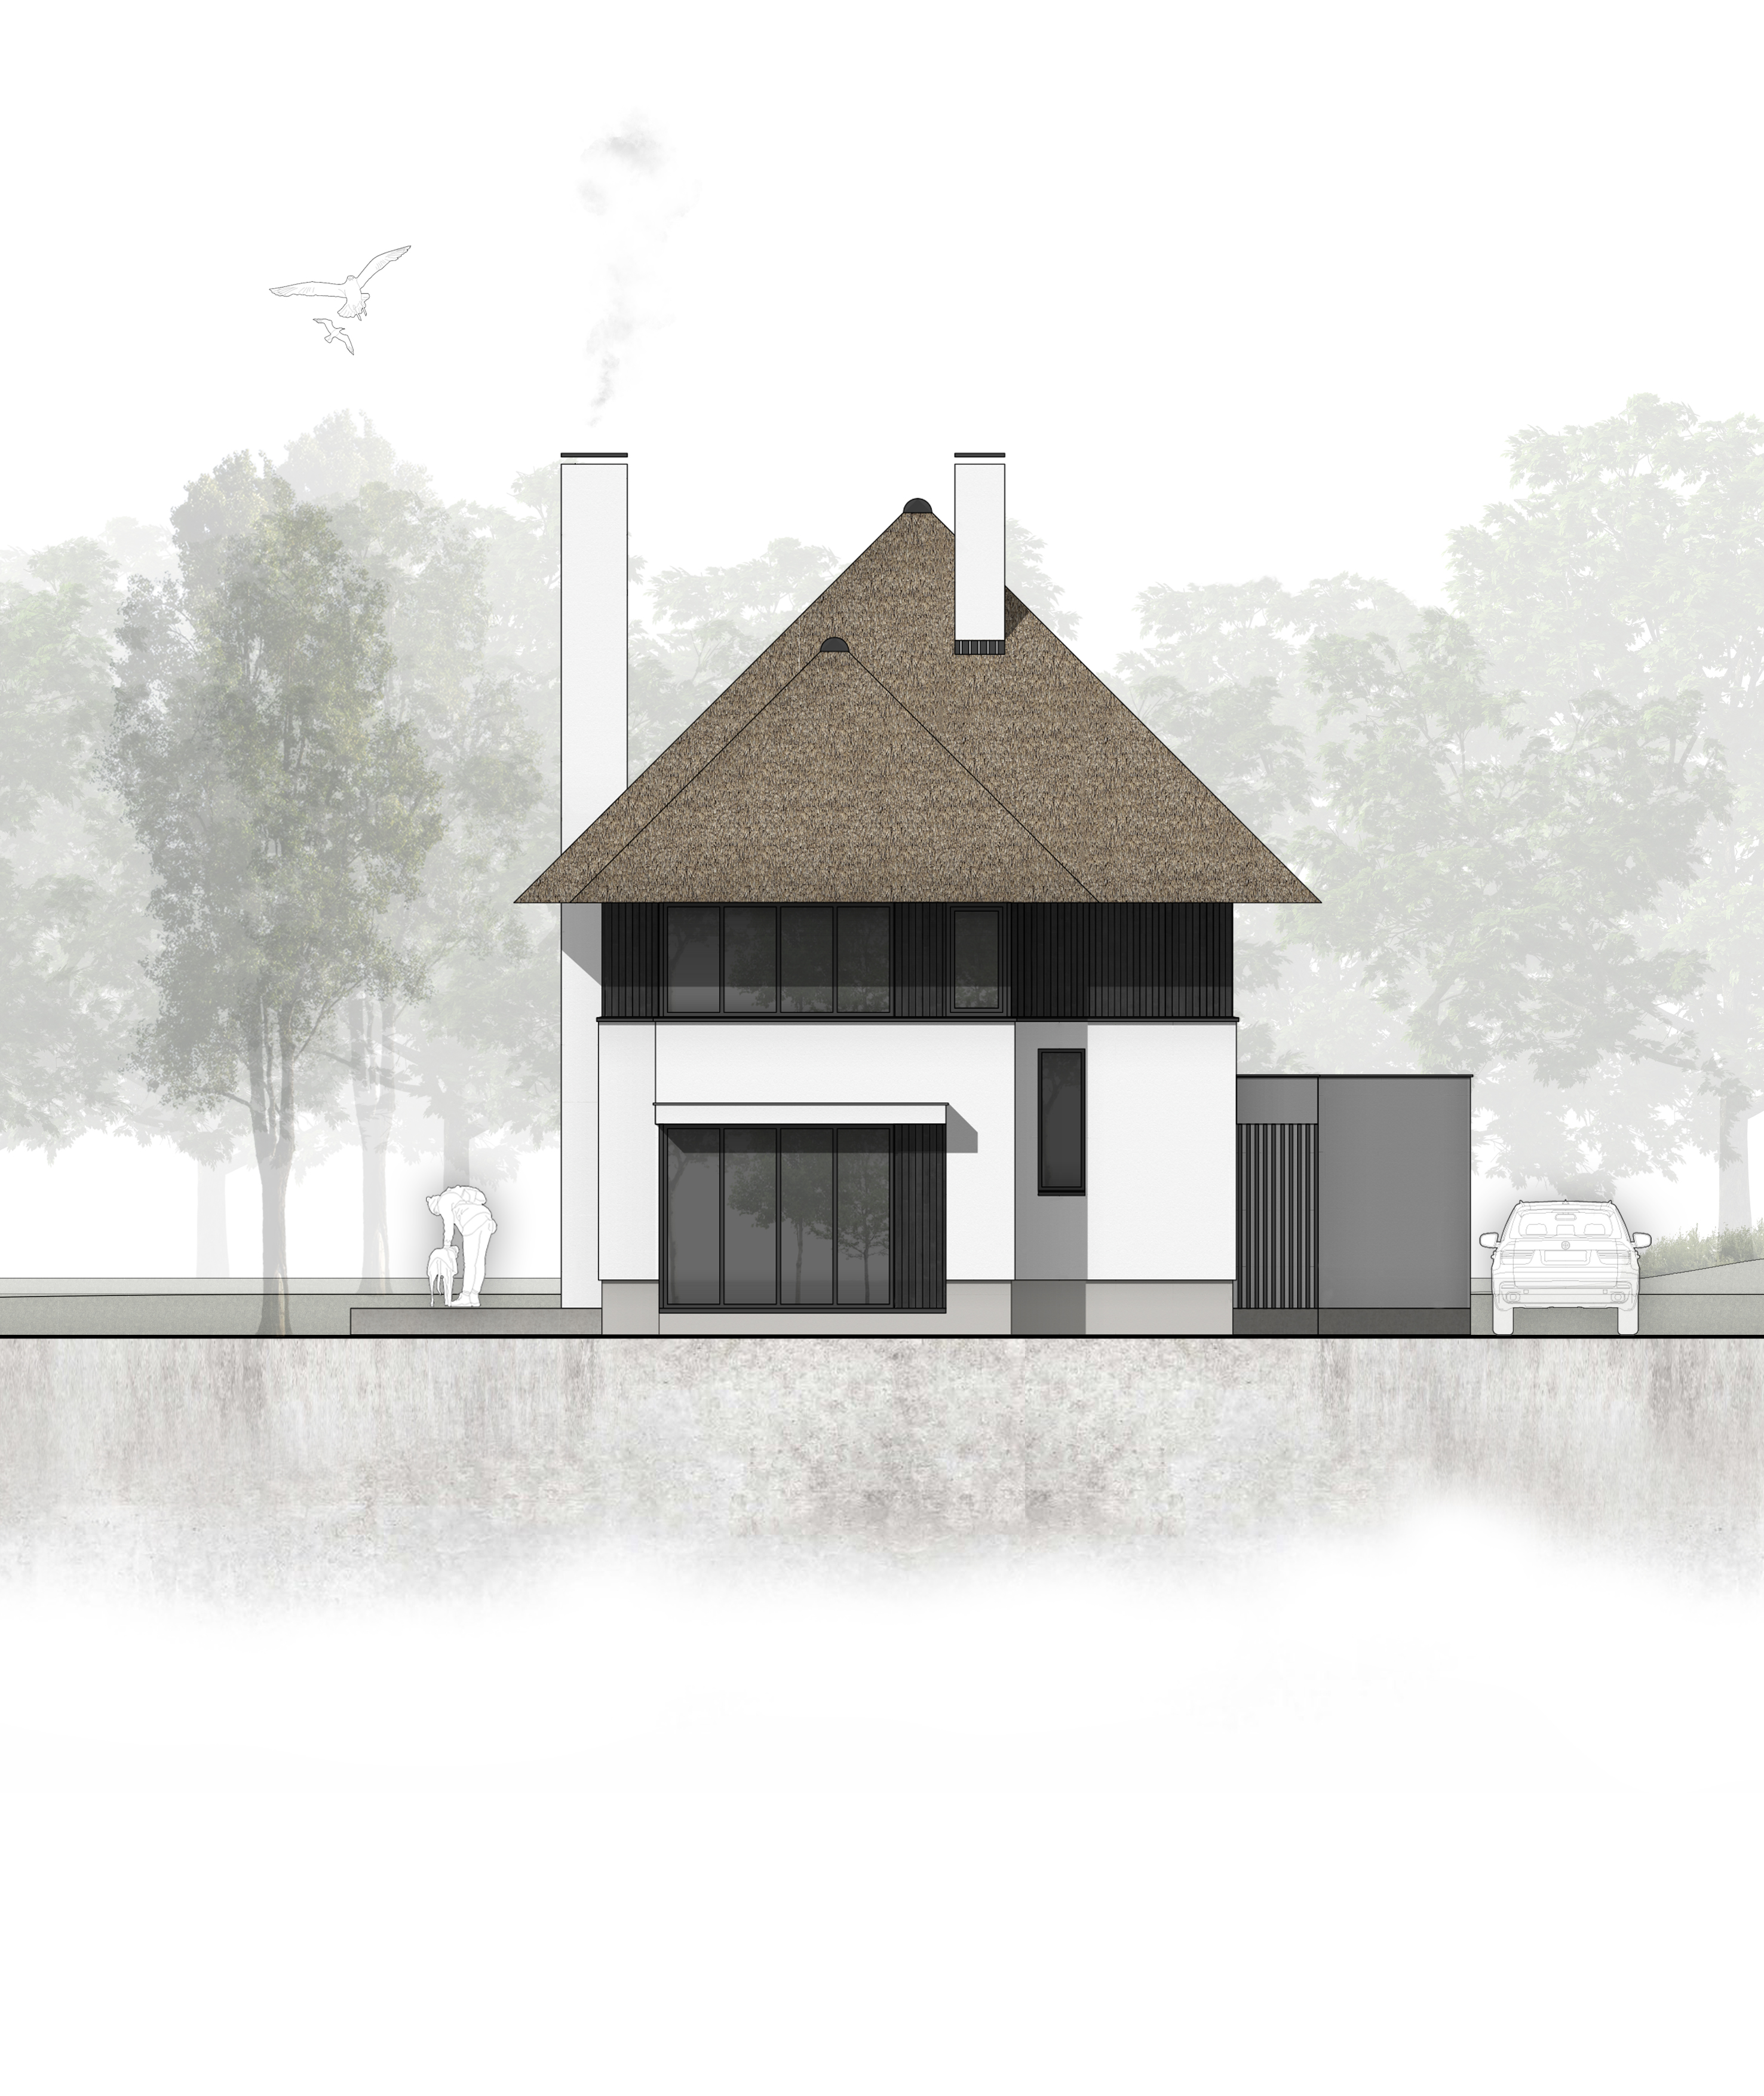 nieuwbouw landelijke rietgedekte vrijstaande villa Tegenbosch Eindhoven